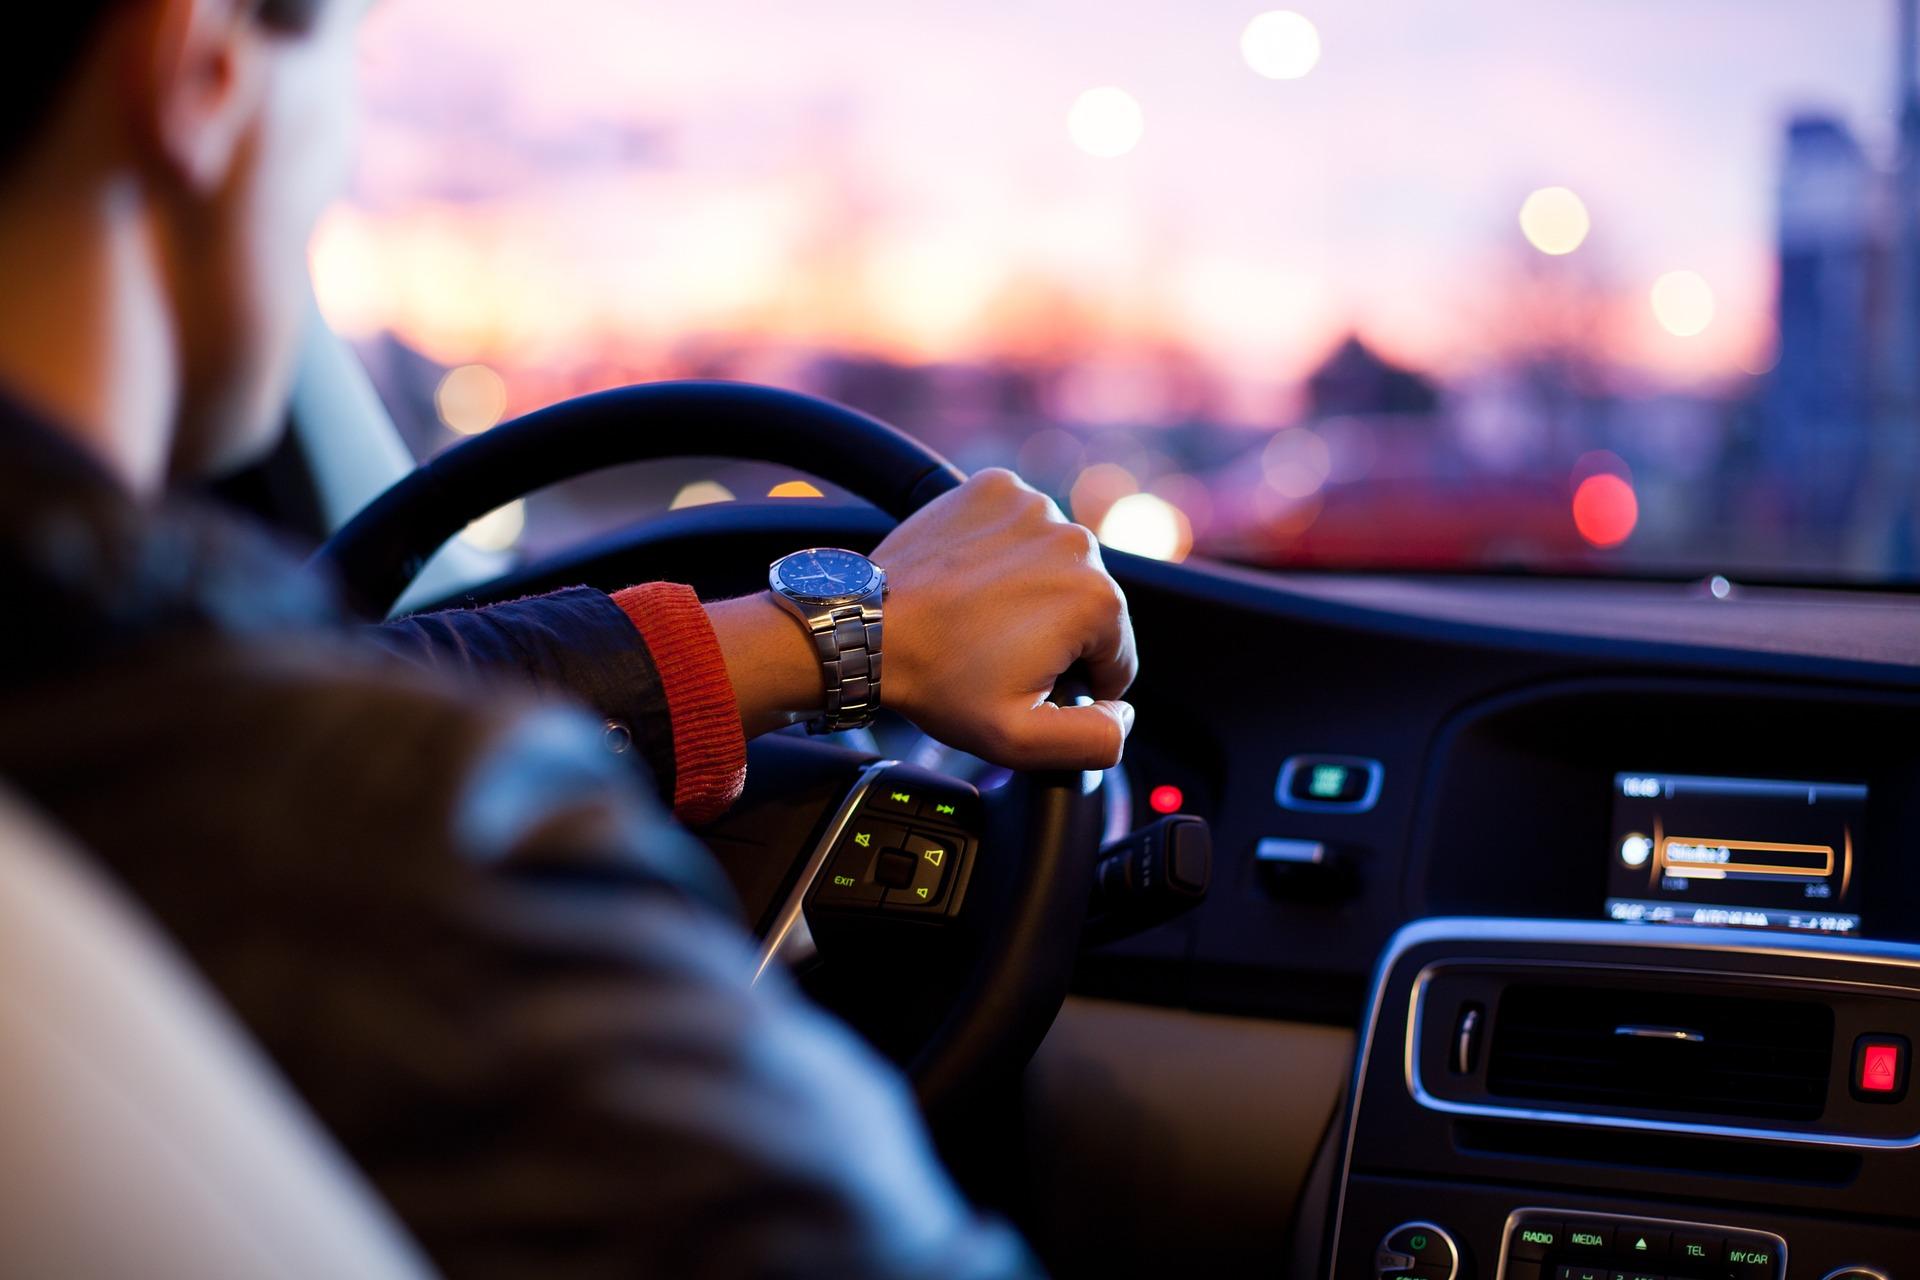 Základná náhrada za 1 km pri použití motorového vozidla sa zvyšuje od 01.06.2019